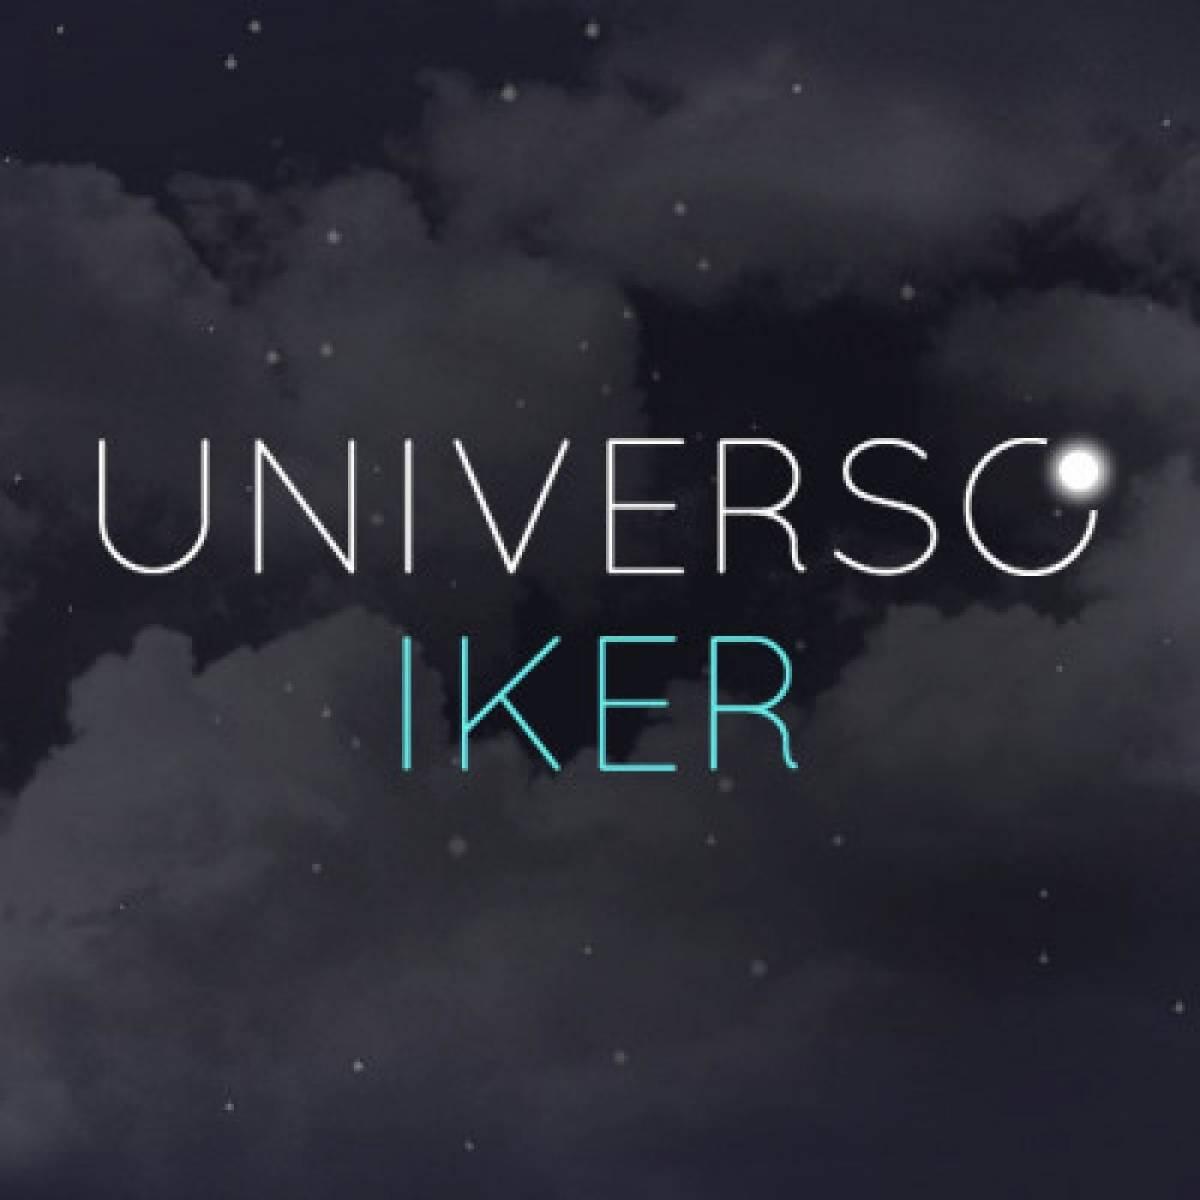 En Universo Iker: Miedo en el cielo